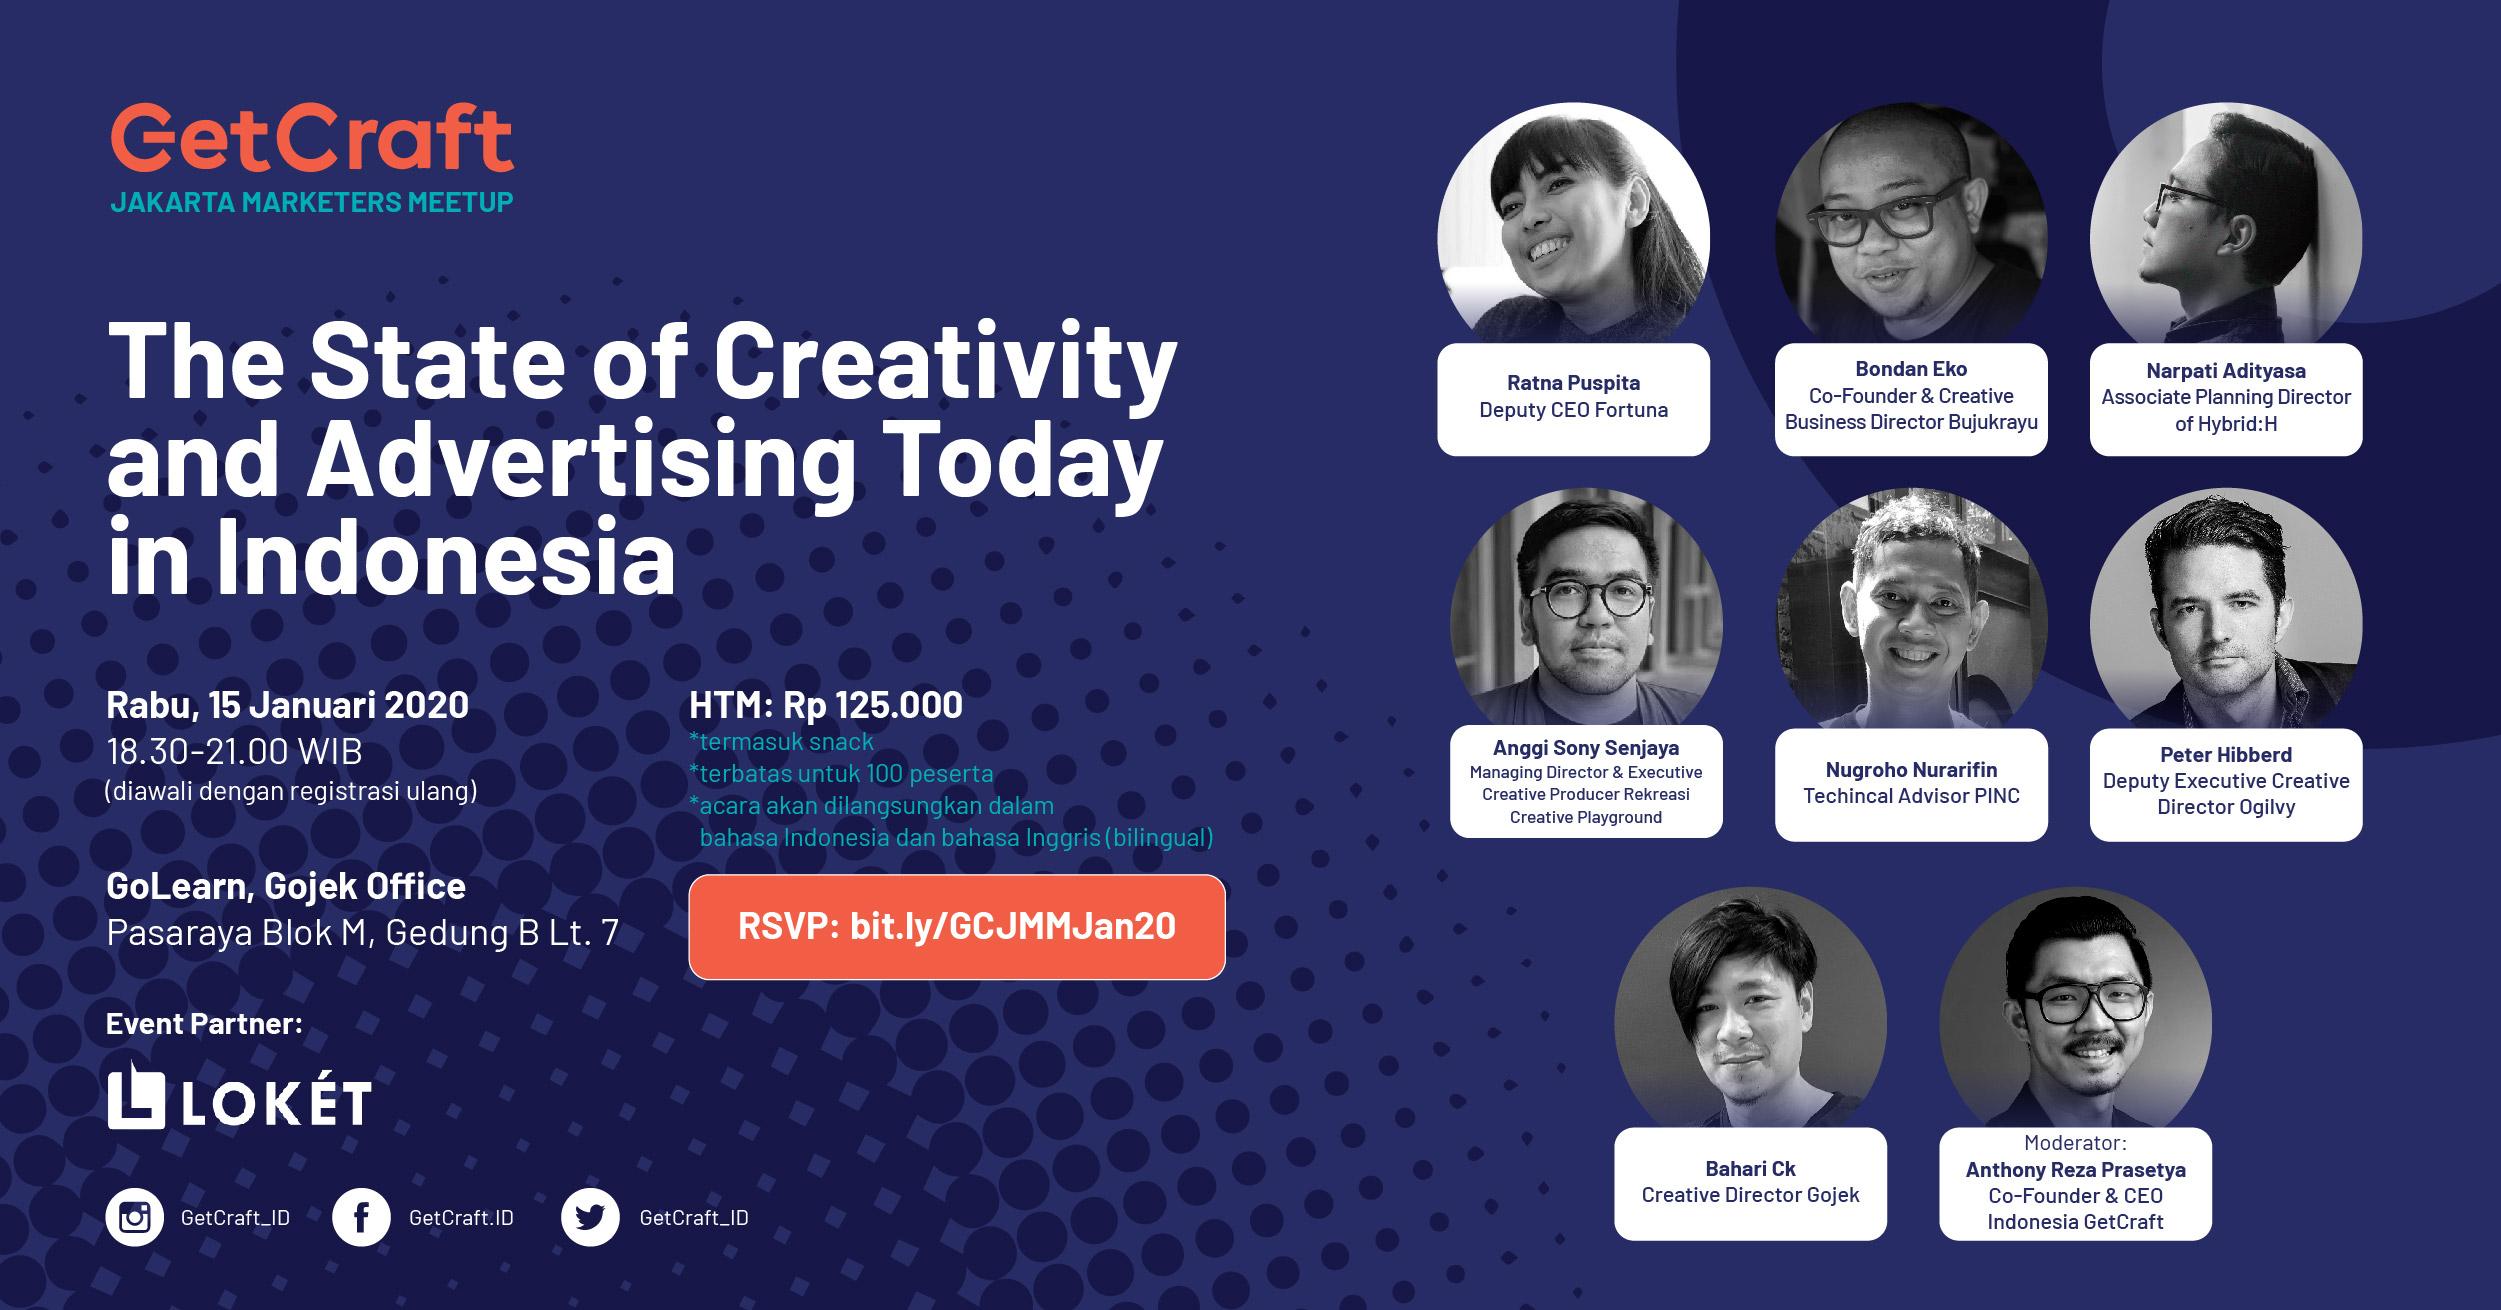 Jakarta Marketers Meetup Ed. Januari 2020